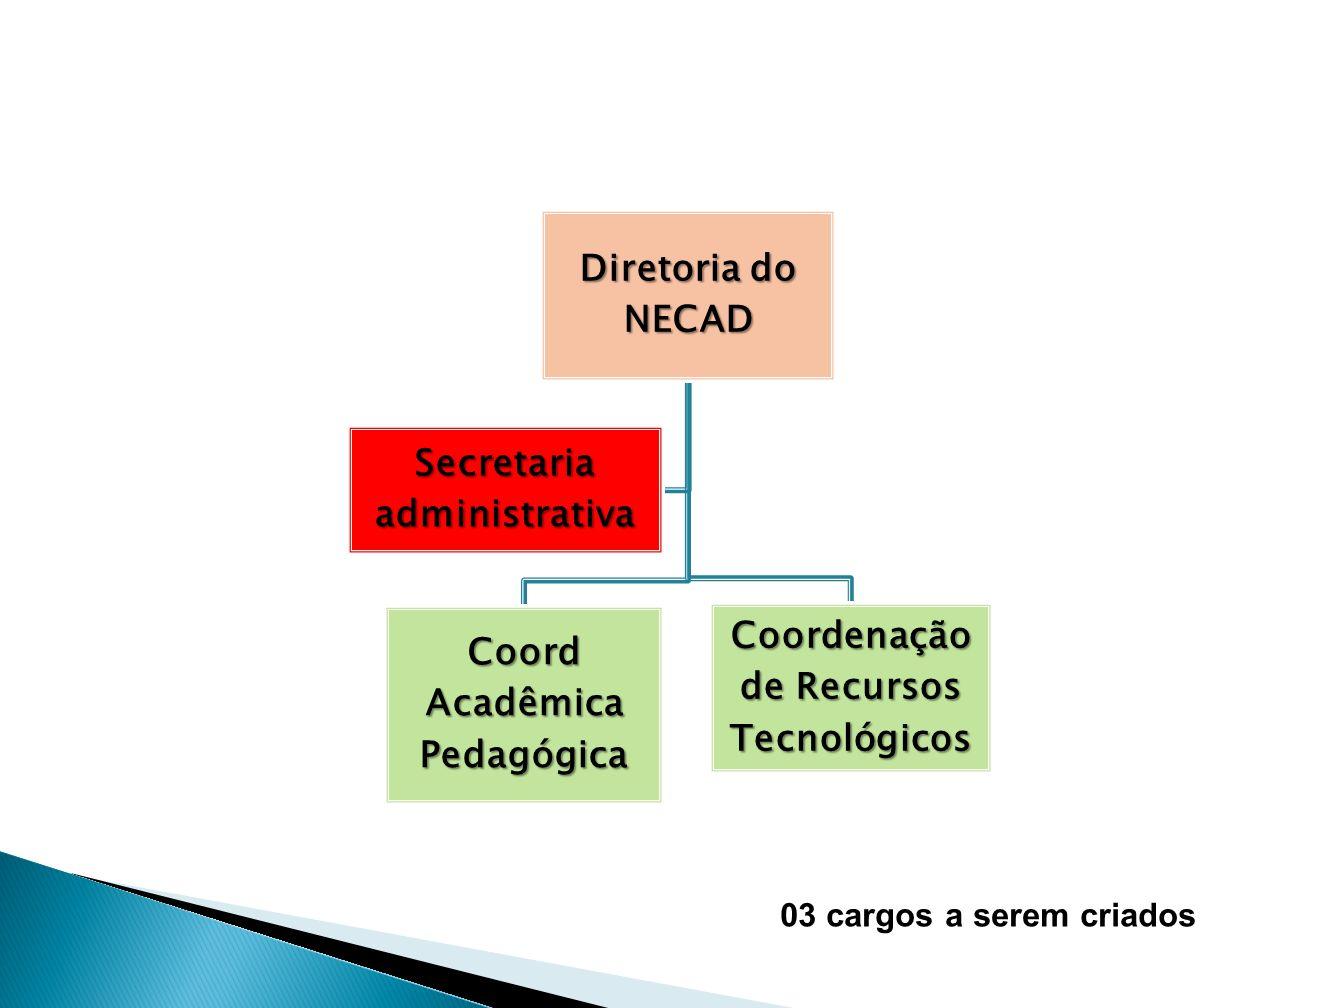 Diretoria de Núcleo de Contratos e Convênios/NCC Coord de Gestão Convênios Coord de Gestão de Contratos Secretaria 04 cargos a serem criados